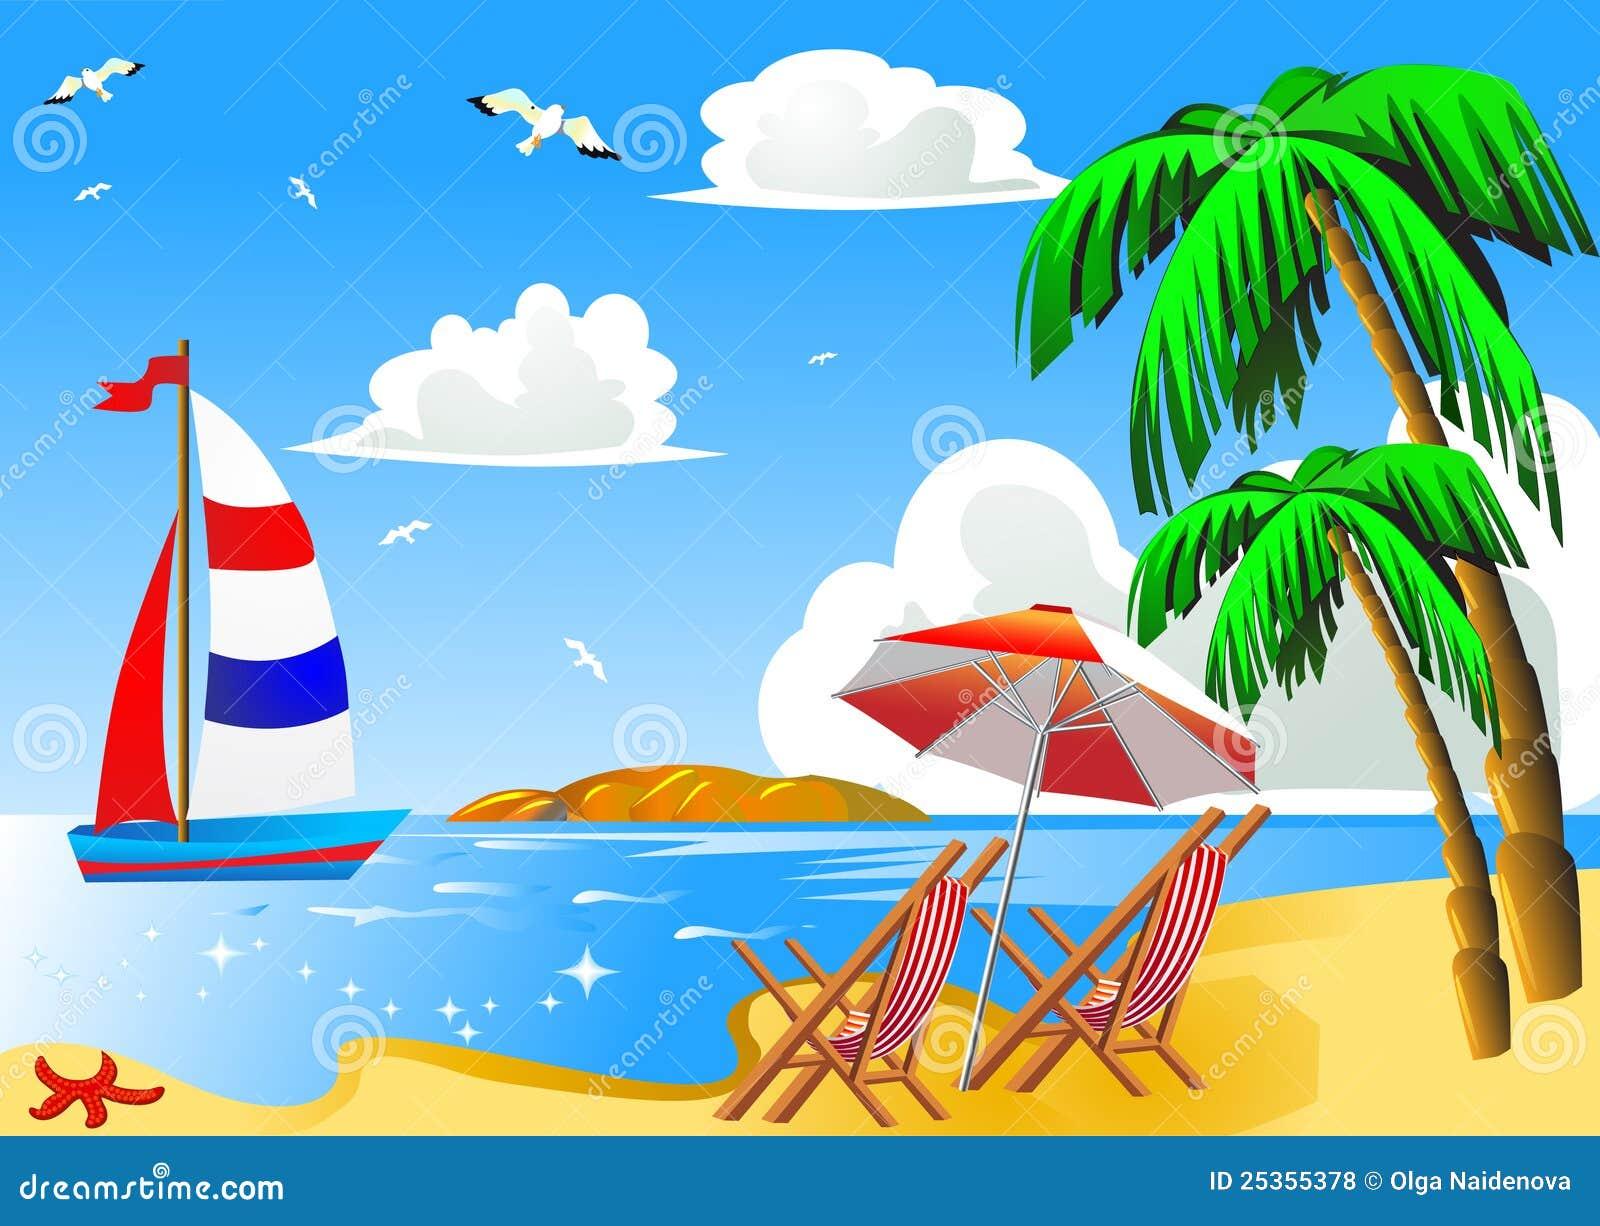 Spiaggia del mare con la palma in barca a vela for Disegno della casa sulla spiaggia